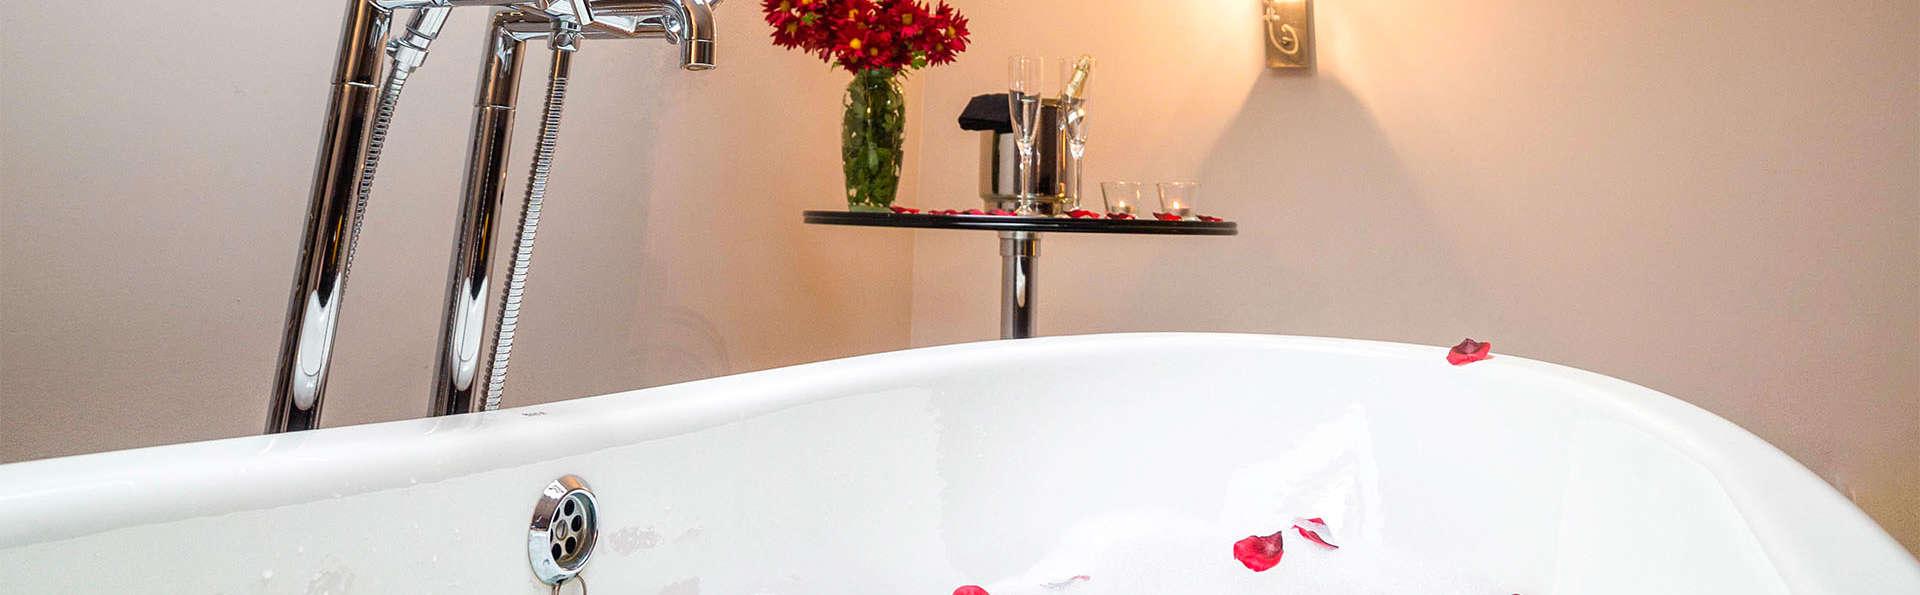 Escapada romántica en suite con cava, bombones y más detalles para sorprender a tu pareja